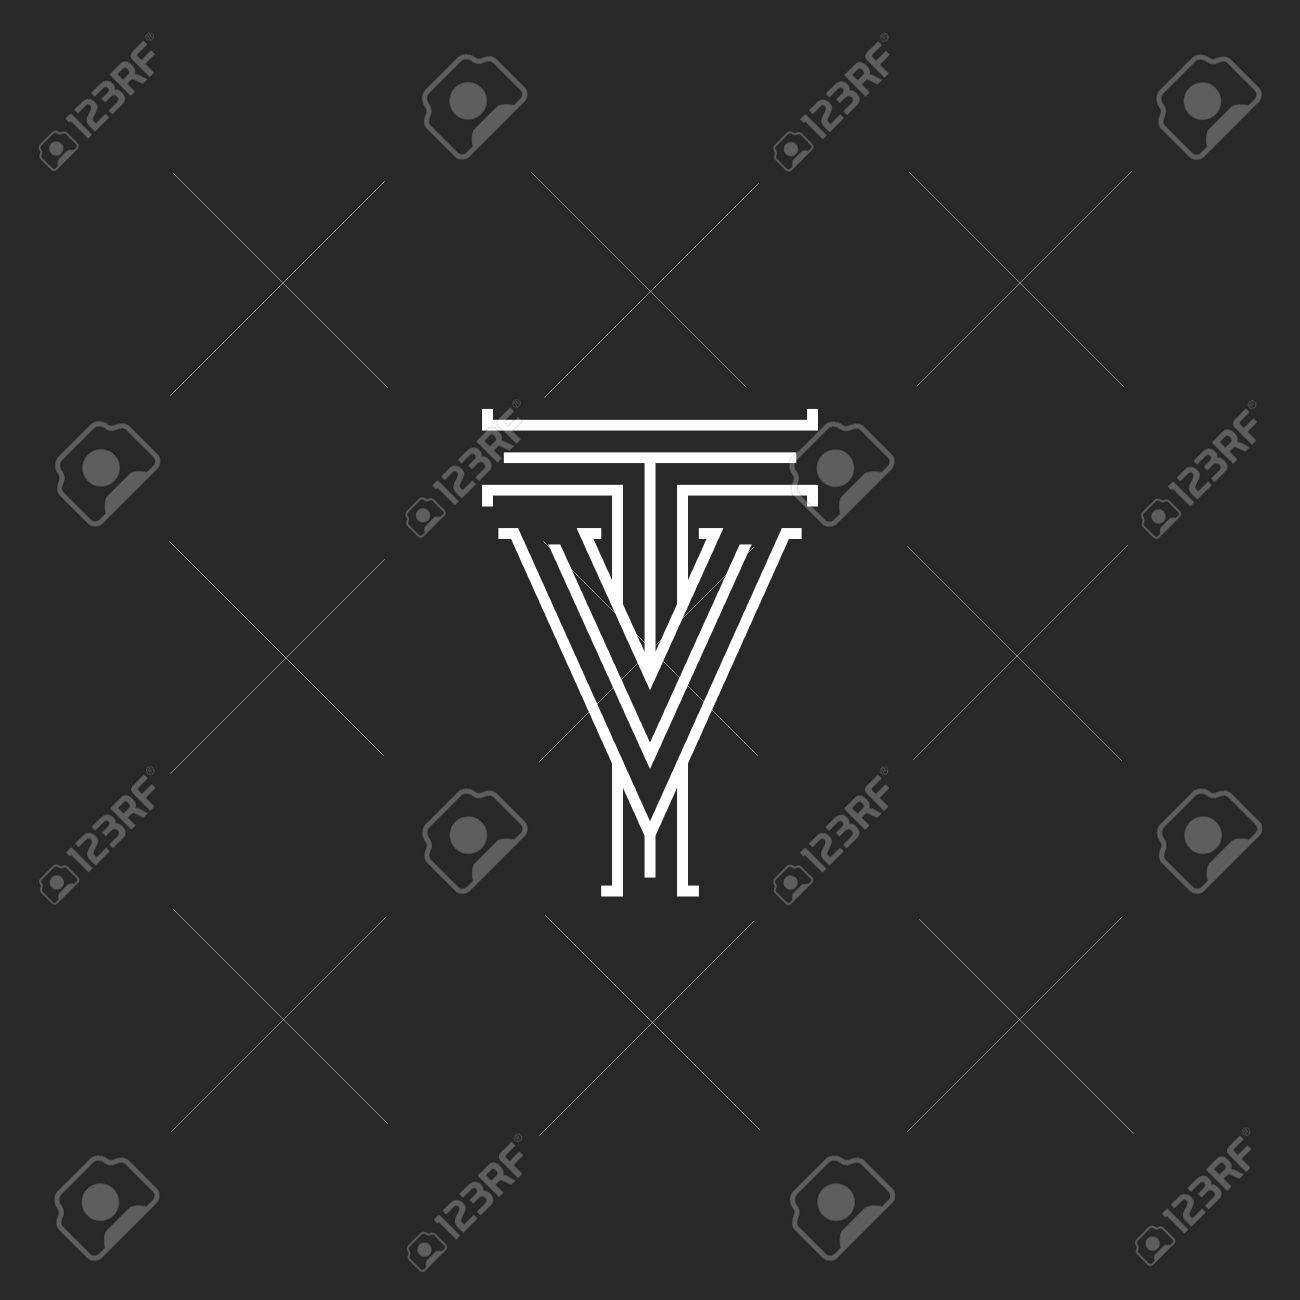 TV Letras Logo Medieval Monograma, Blanco Y Negro Líneas Delgadas ...